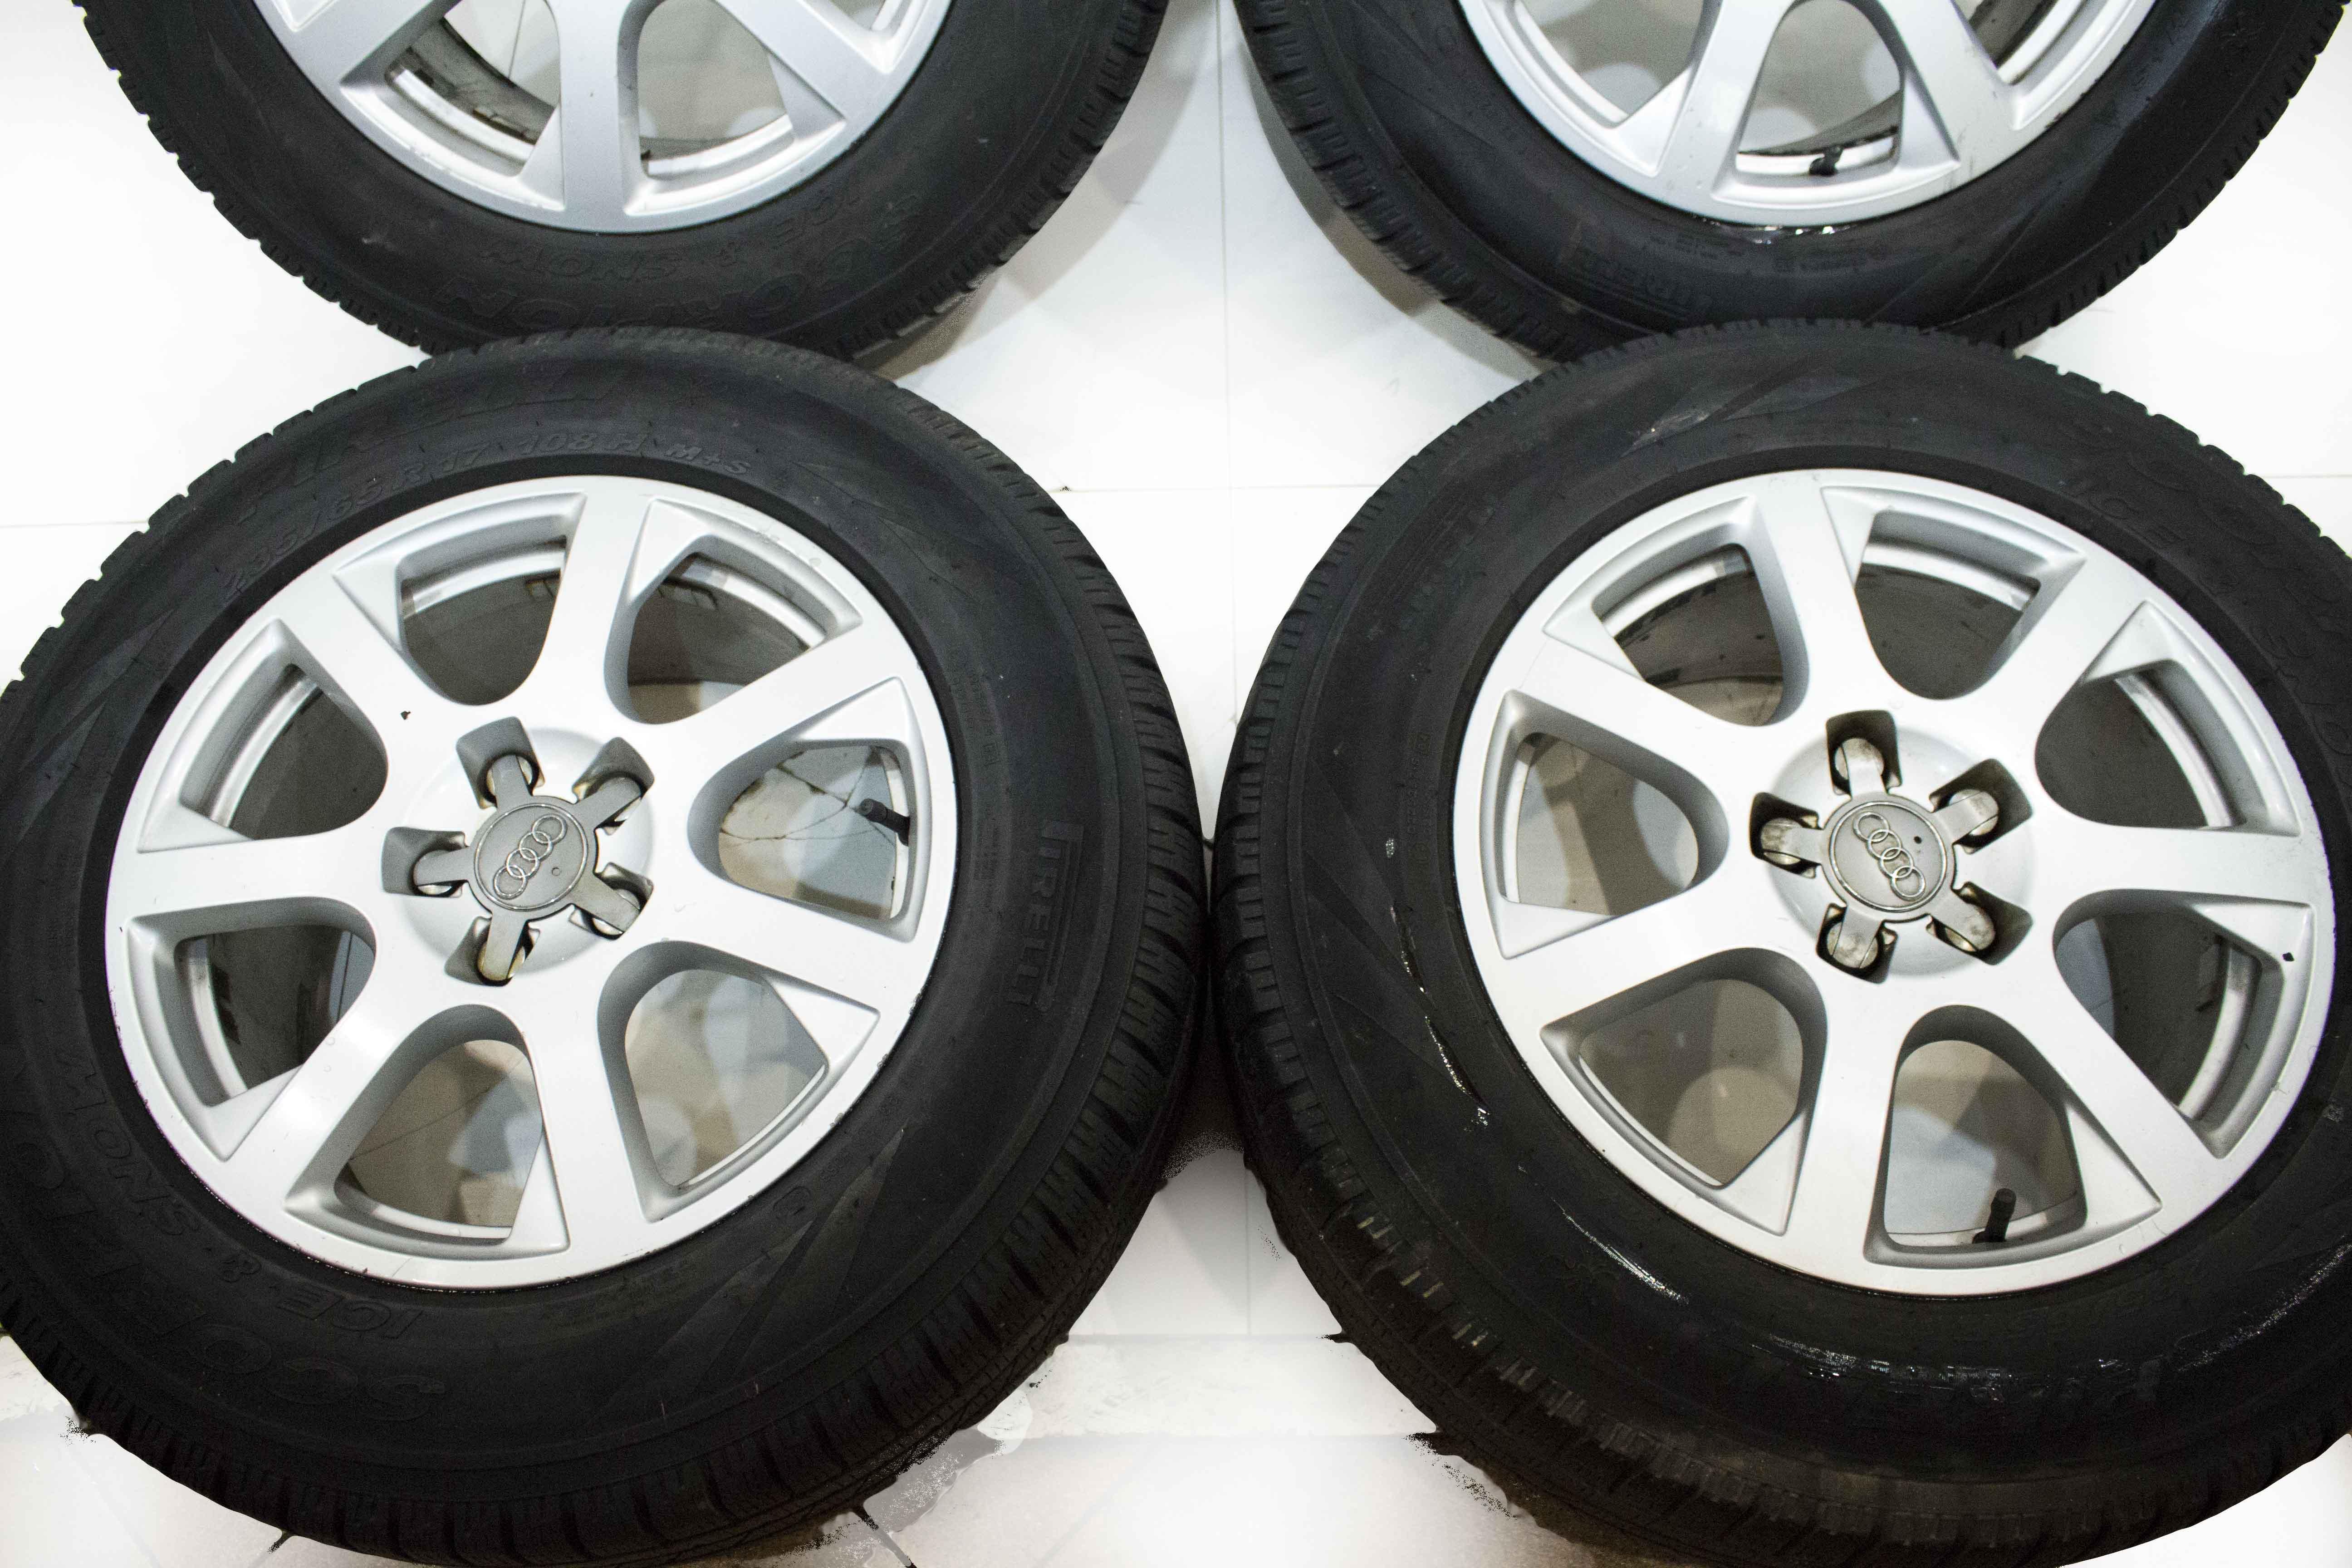 Koła Alufelgi Audi Q5 A6 A4 5x112 E8jx17h2 Et39 Pirelli Scorpion Ms